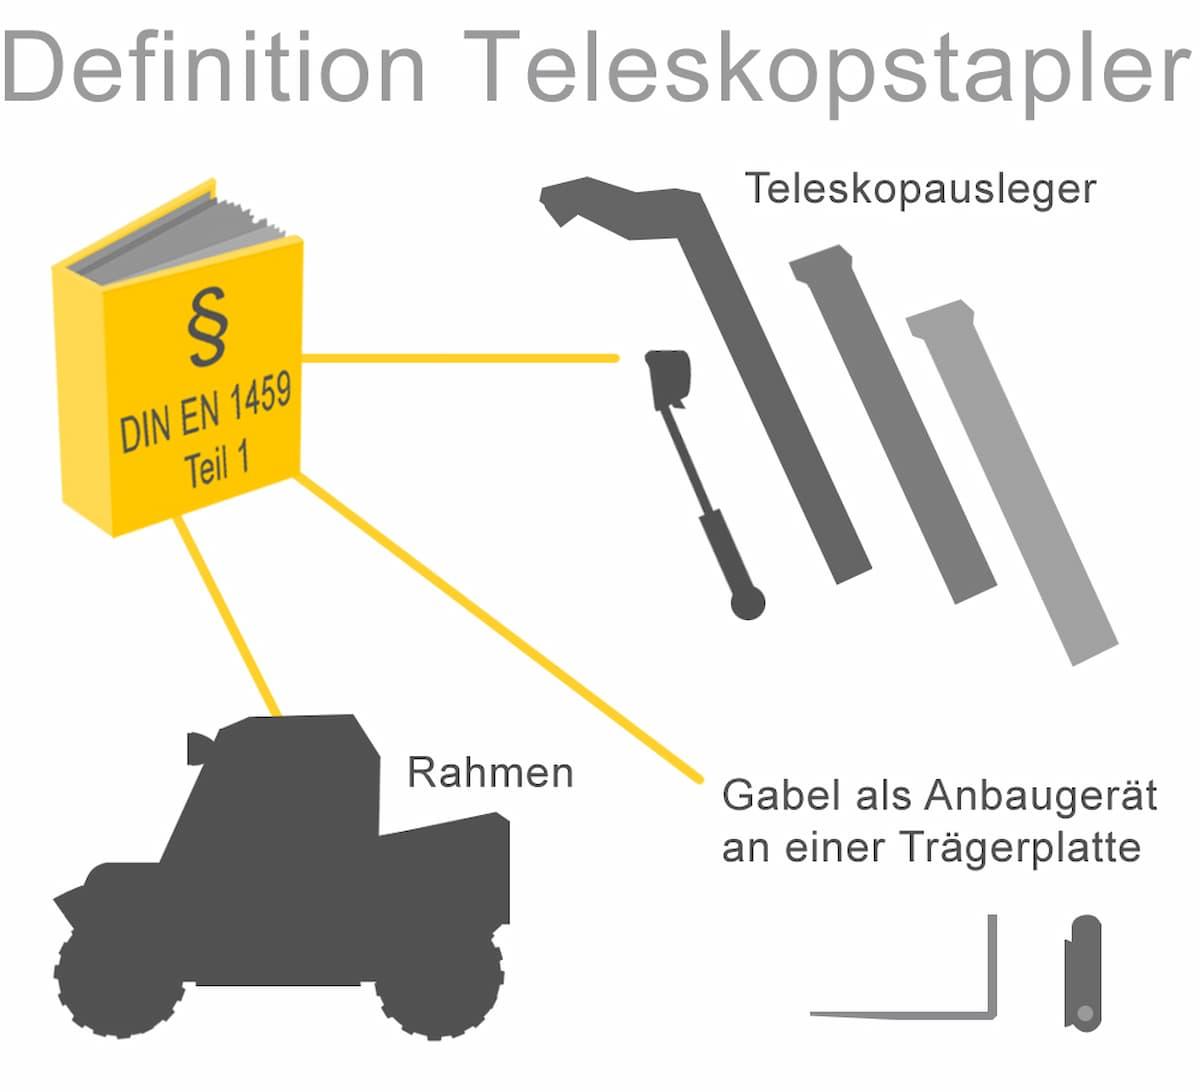 Definition Teleskopstapler